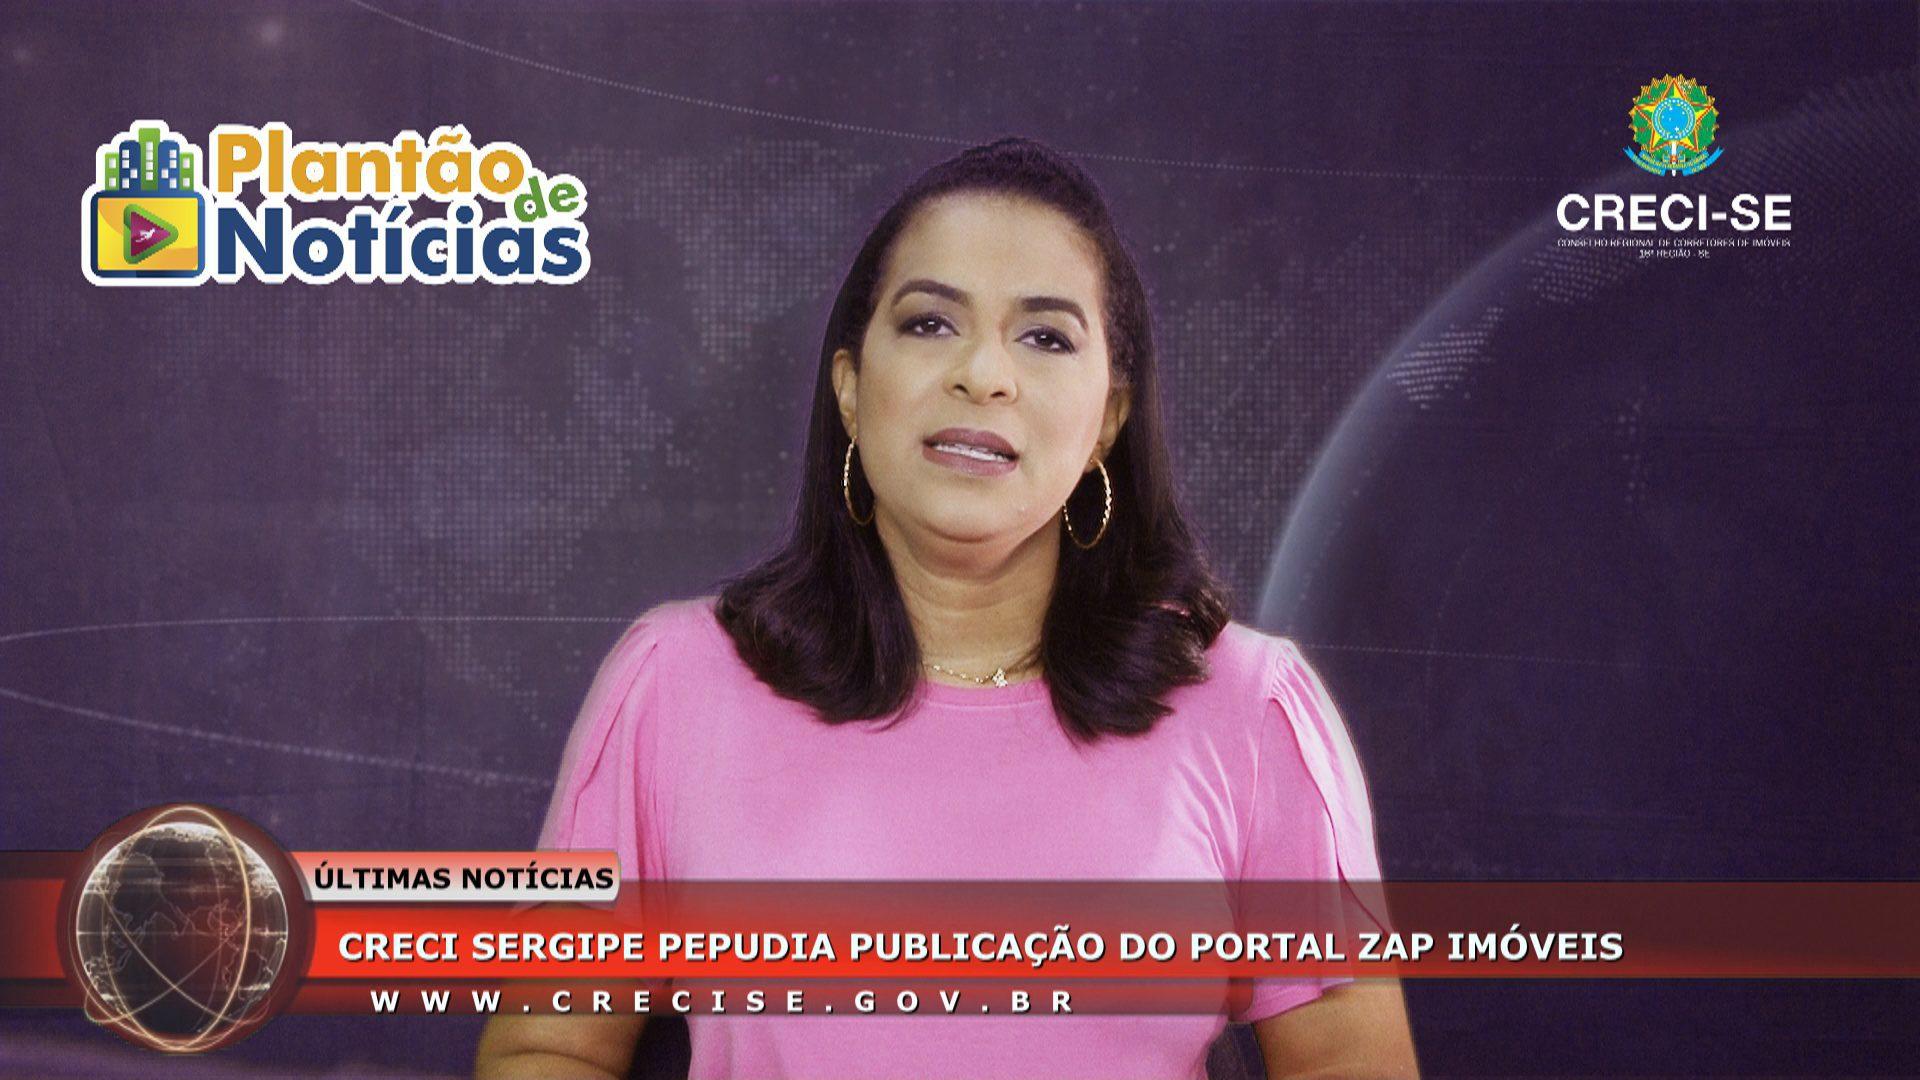 # NOTA DE REPÚDIO